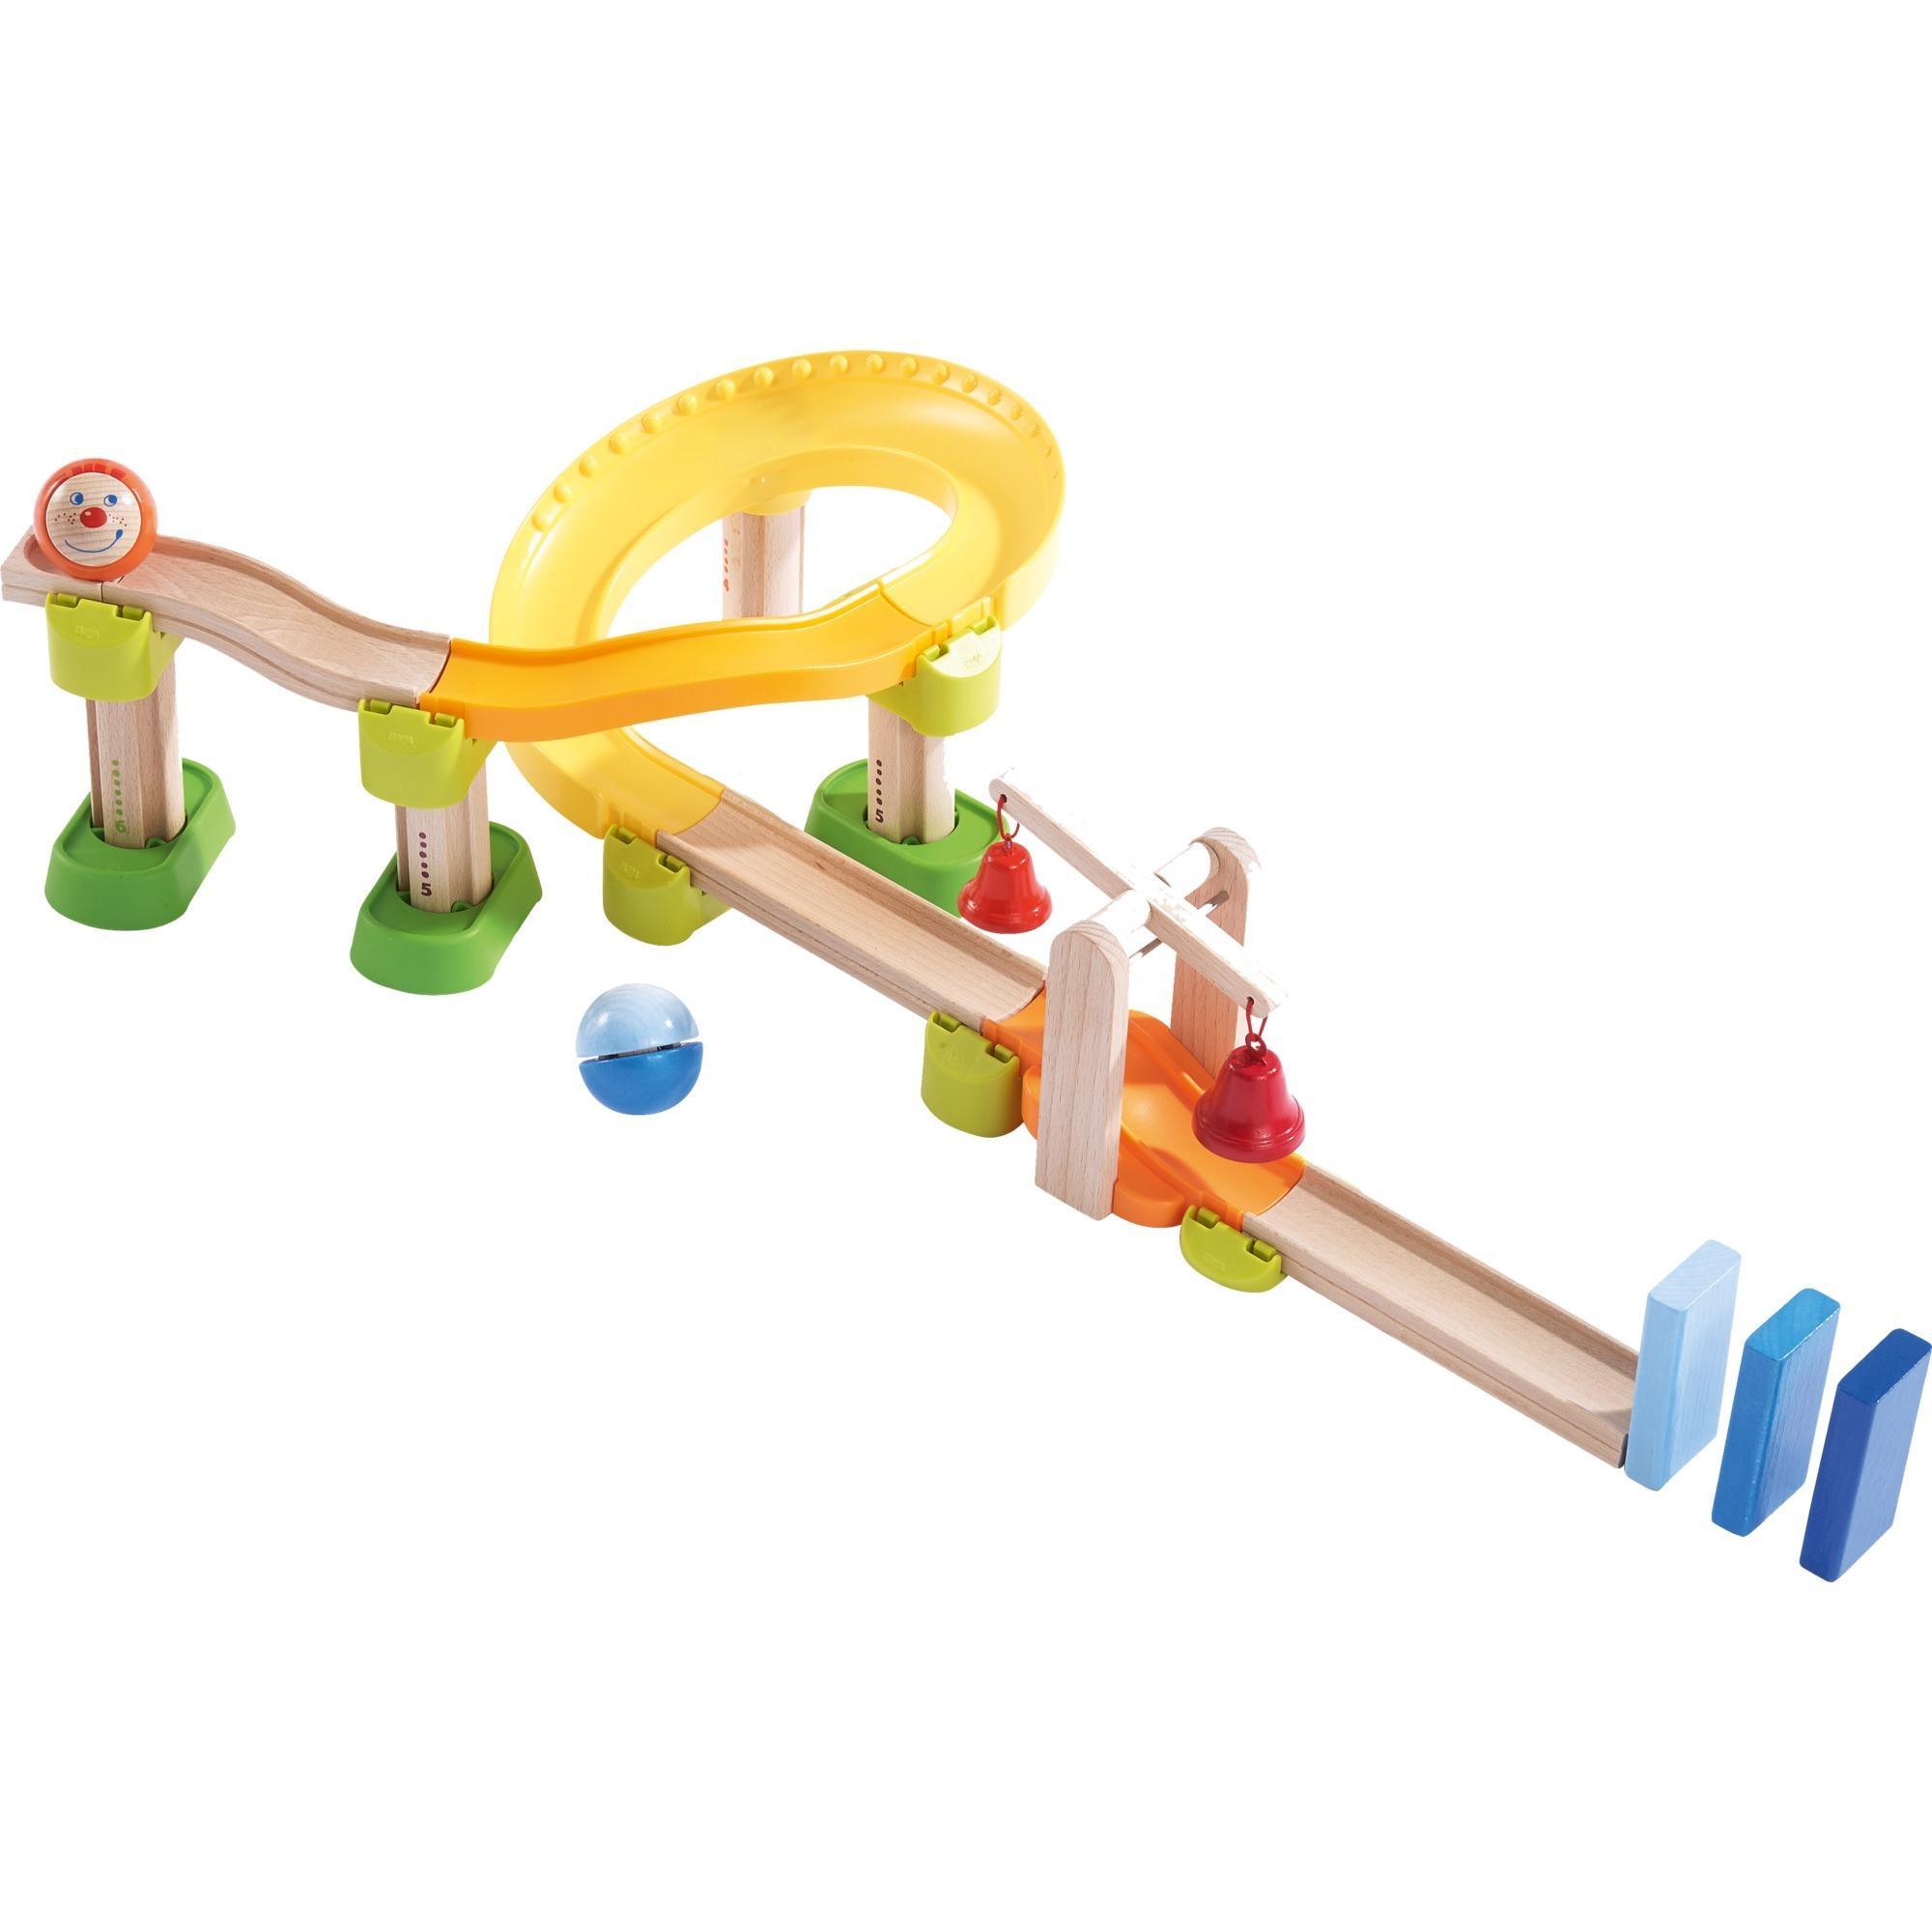 302060 pista para vehículos de juguete De plástico, Ferrocarril